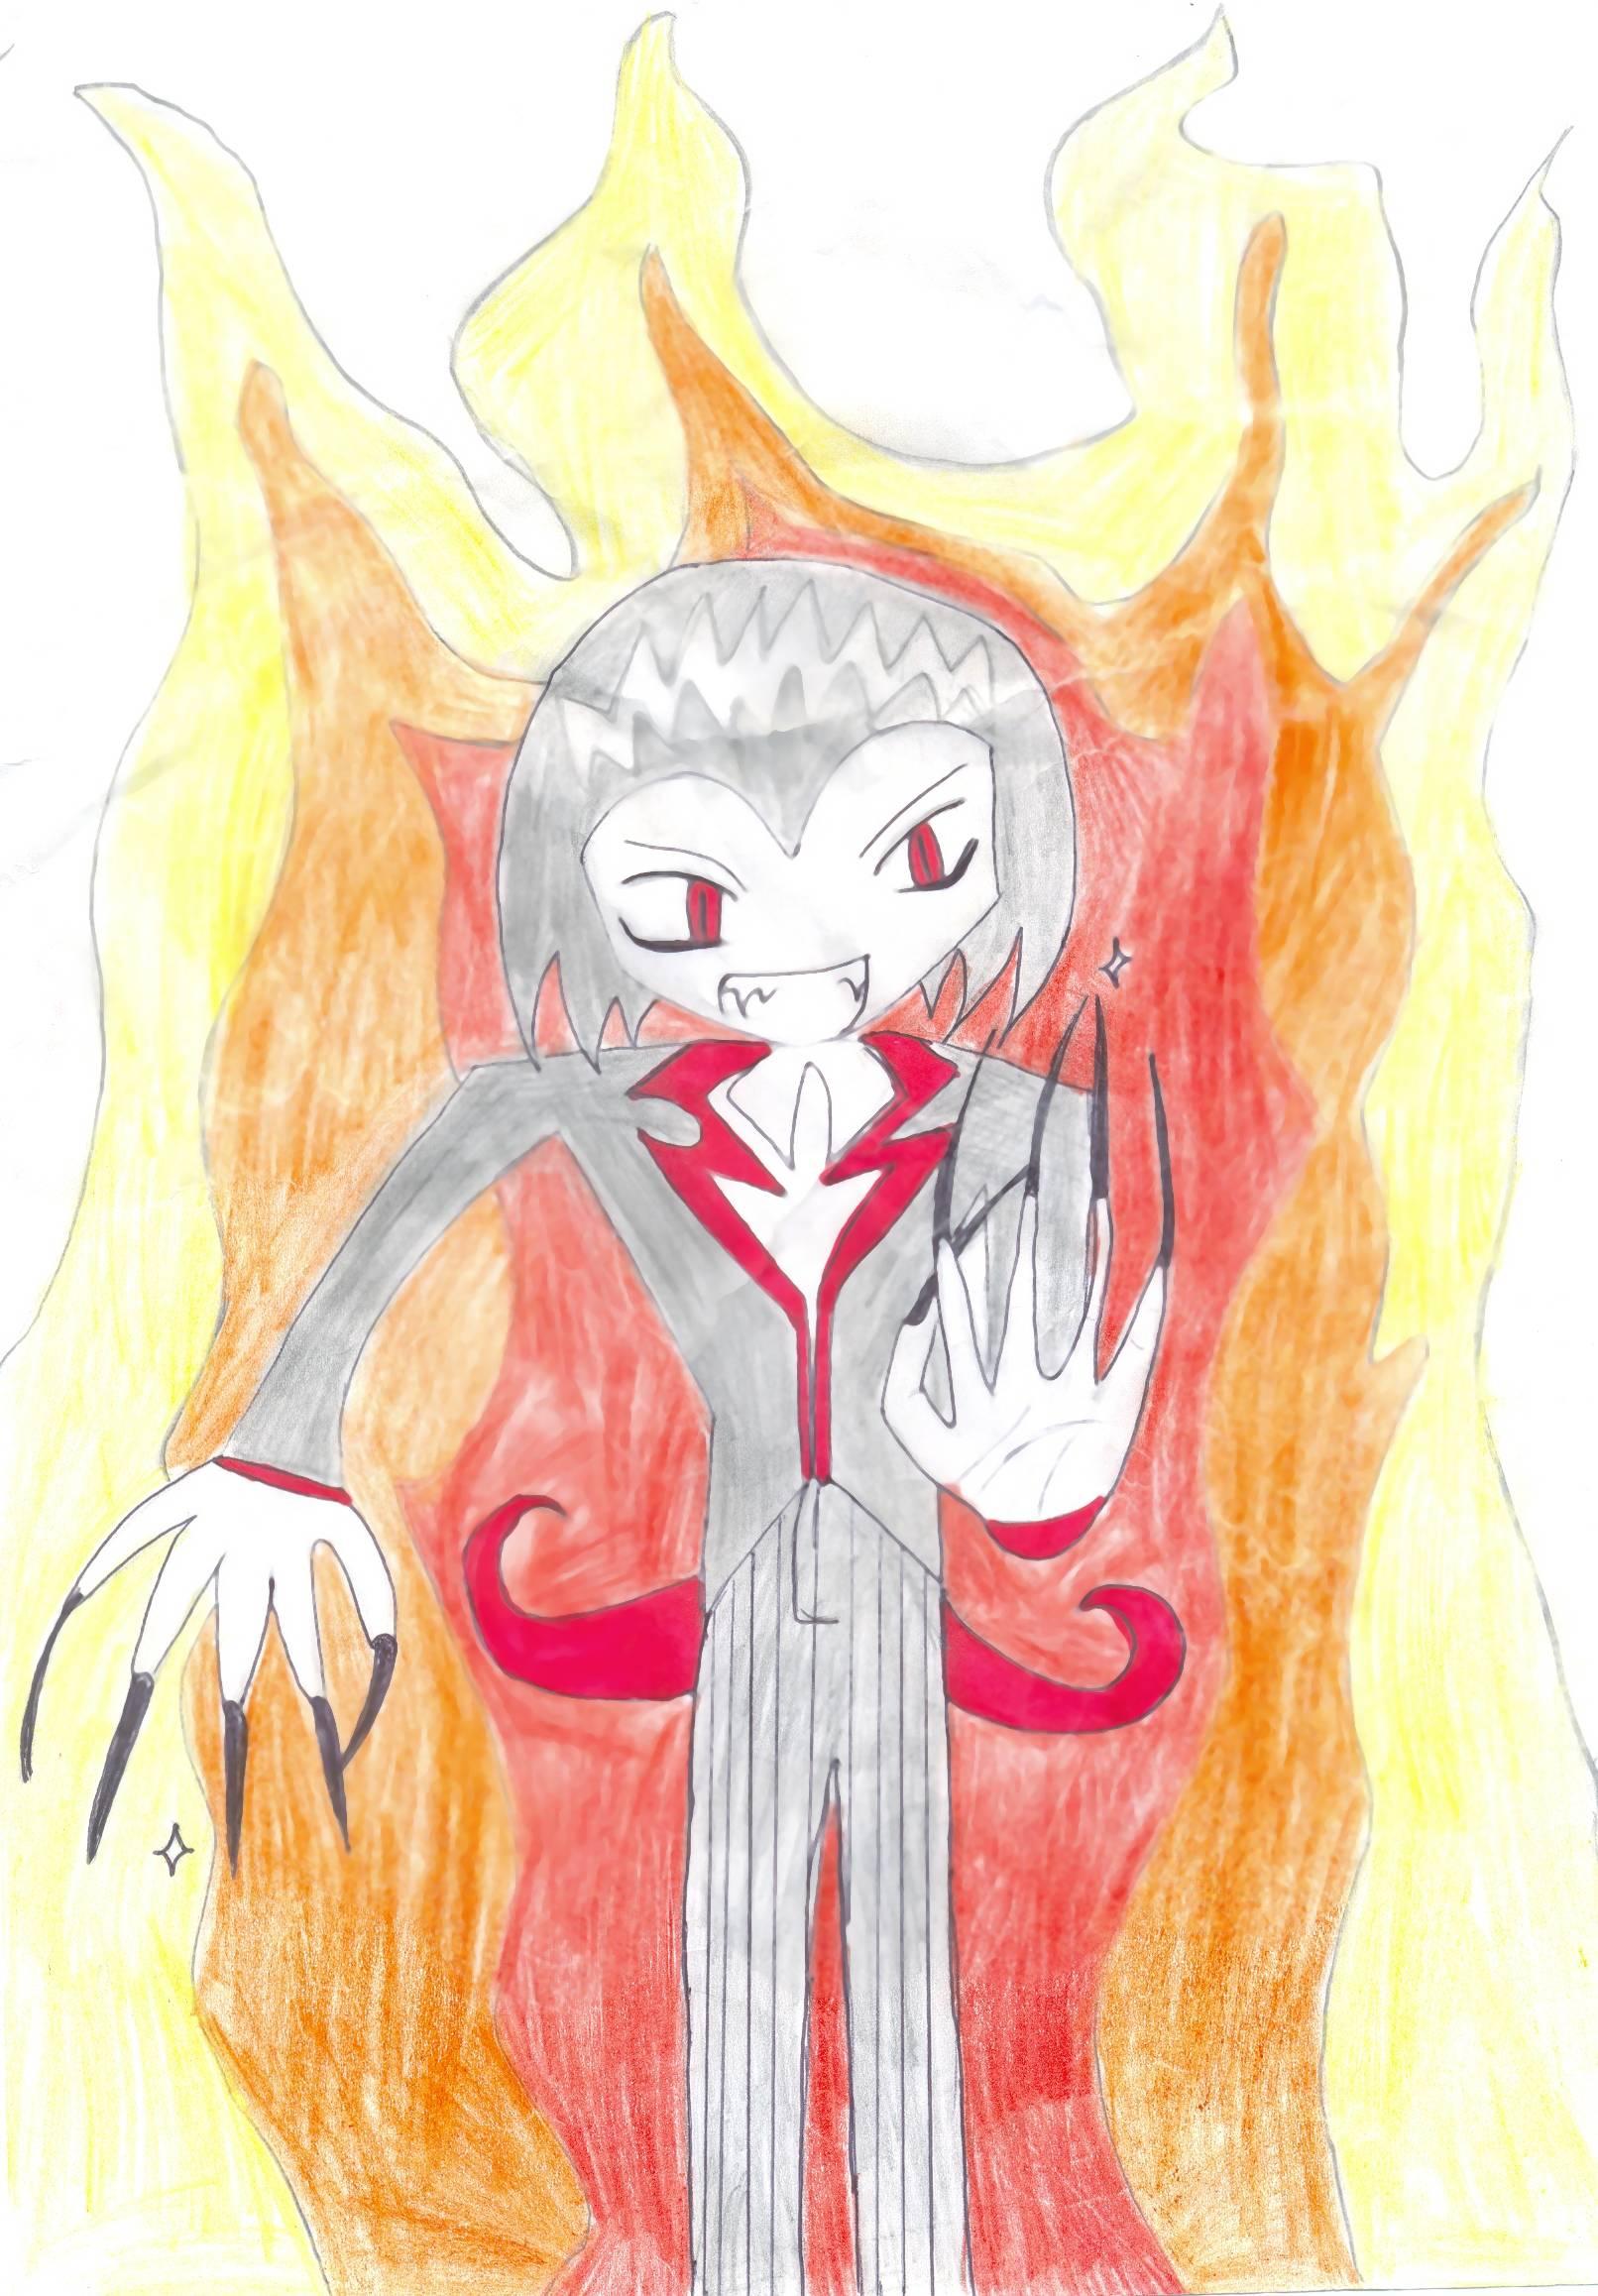 devils flames by demonic_damsel